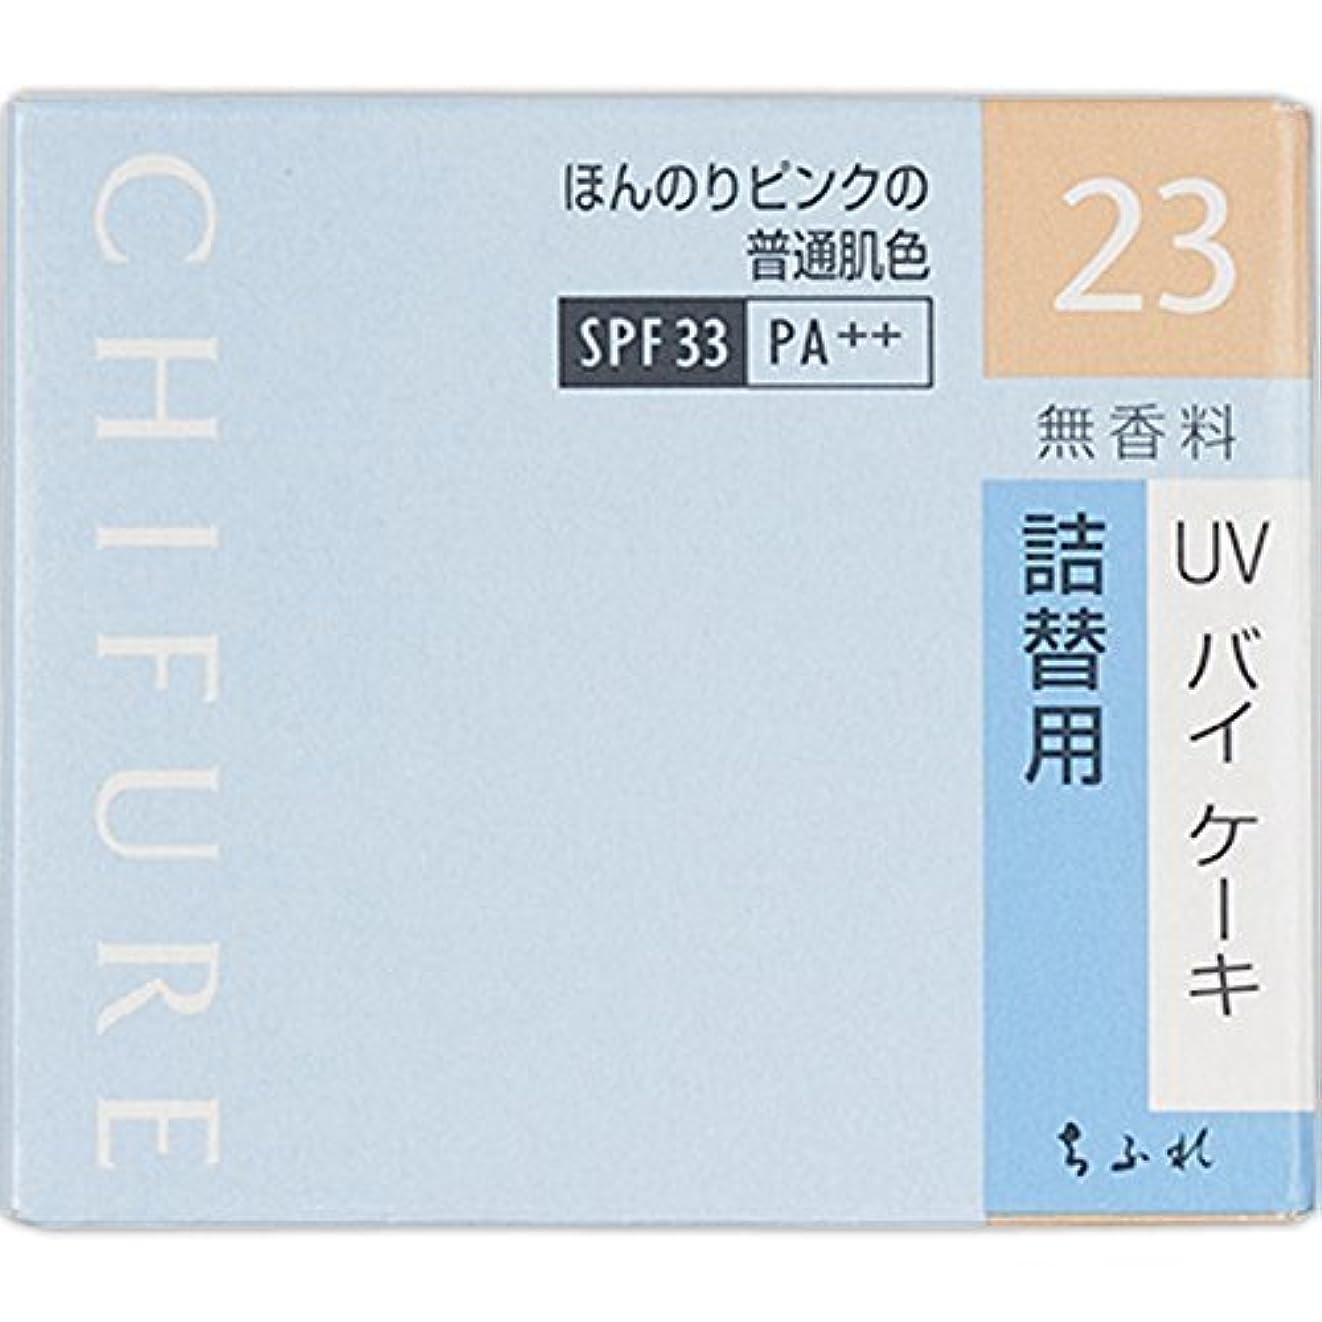 ハッピー離れてシンボルちふれ化粧品 UV バイ ケーキ 詰替用 23 ほんのりピンク普通肌色 14g